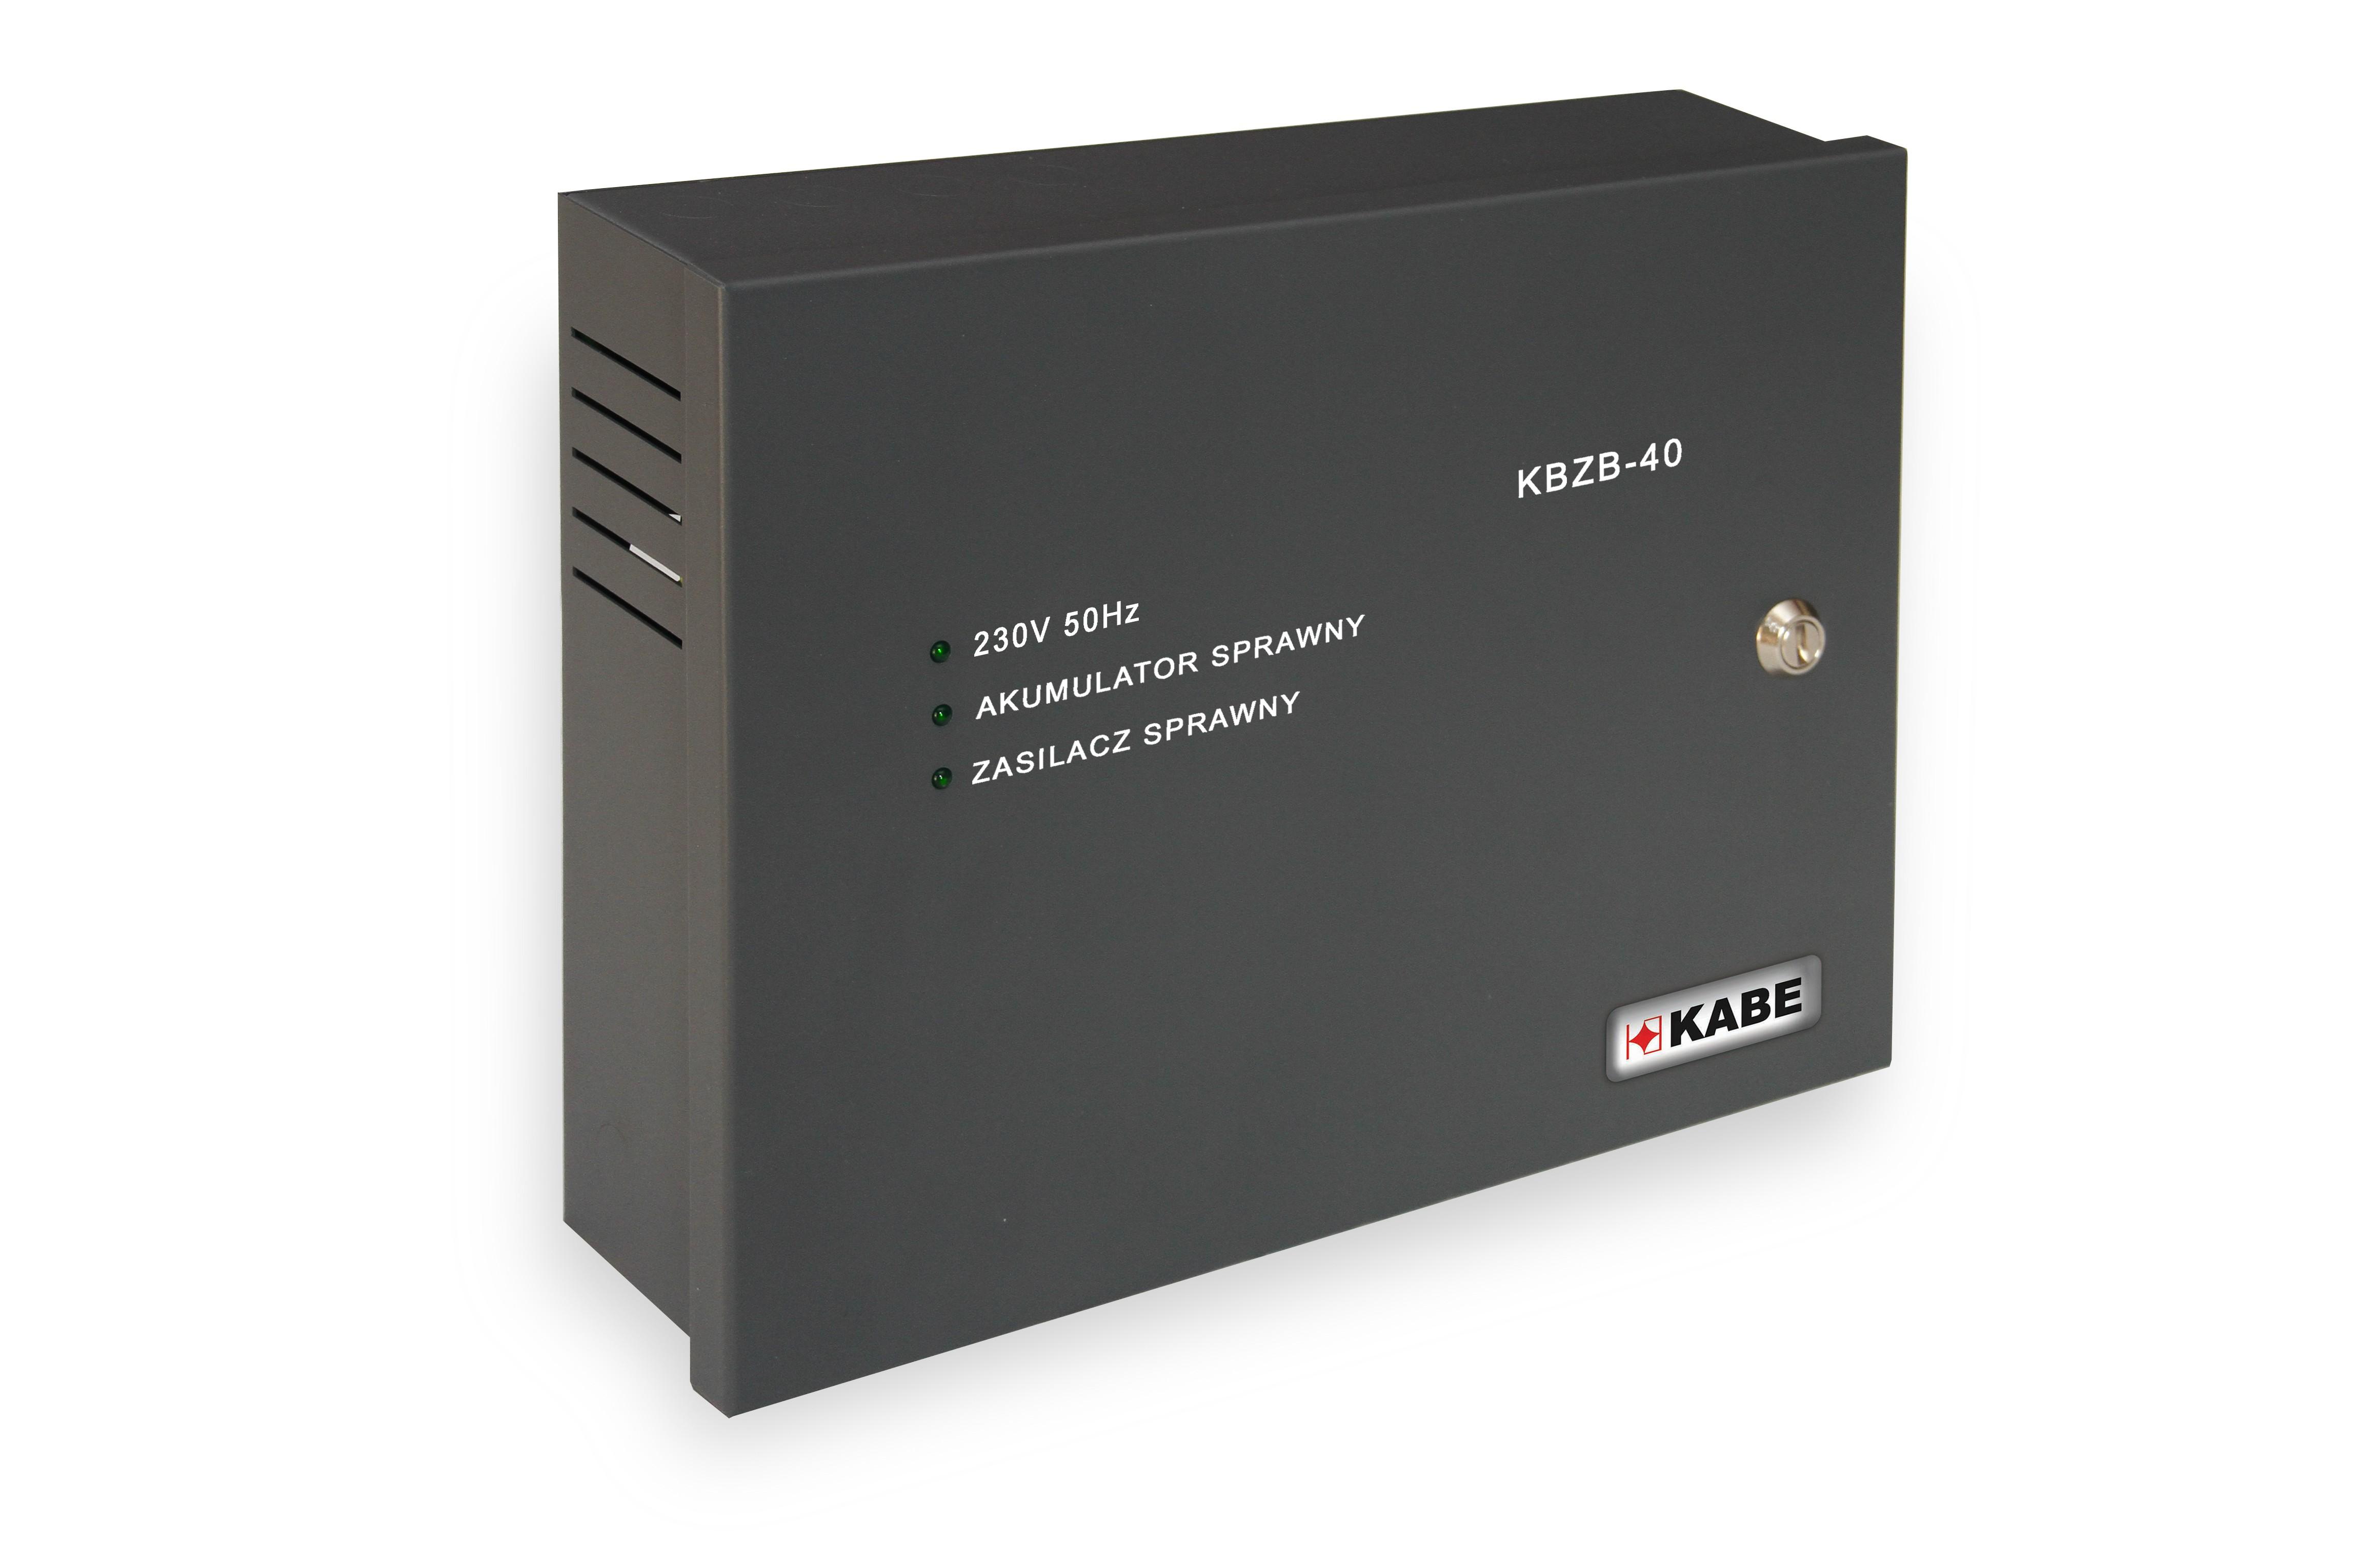 Zasilacz buforowy KBZB-40 1,2A/7Ah